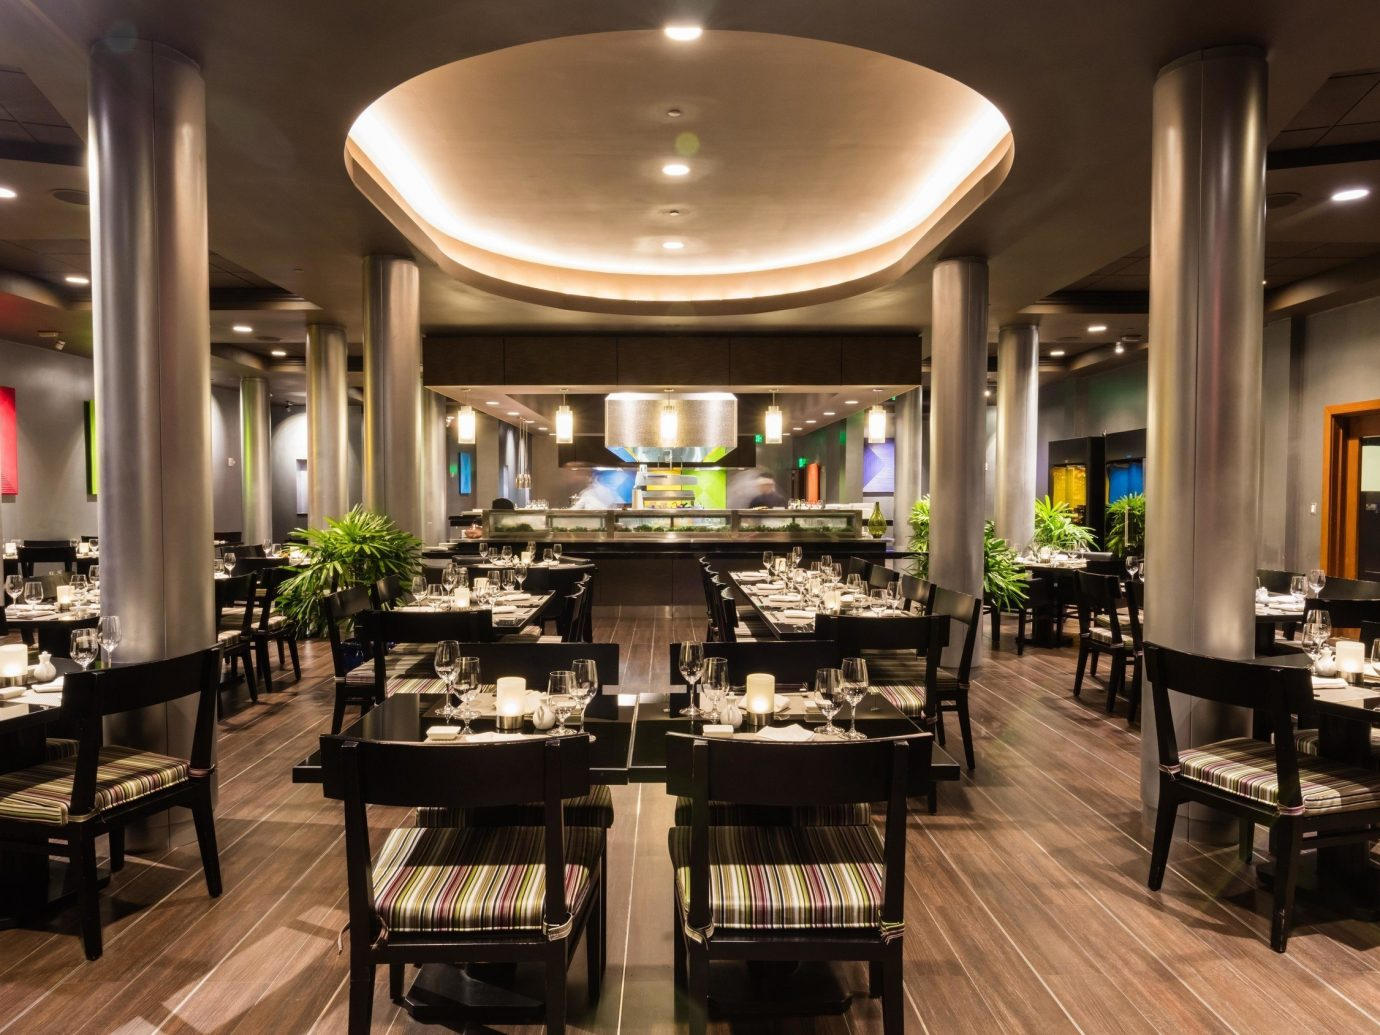 Restaurant at CuisinArt Golf Resort & Spa